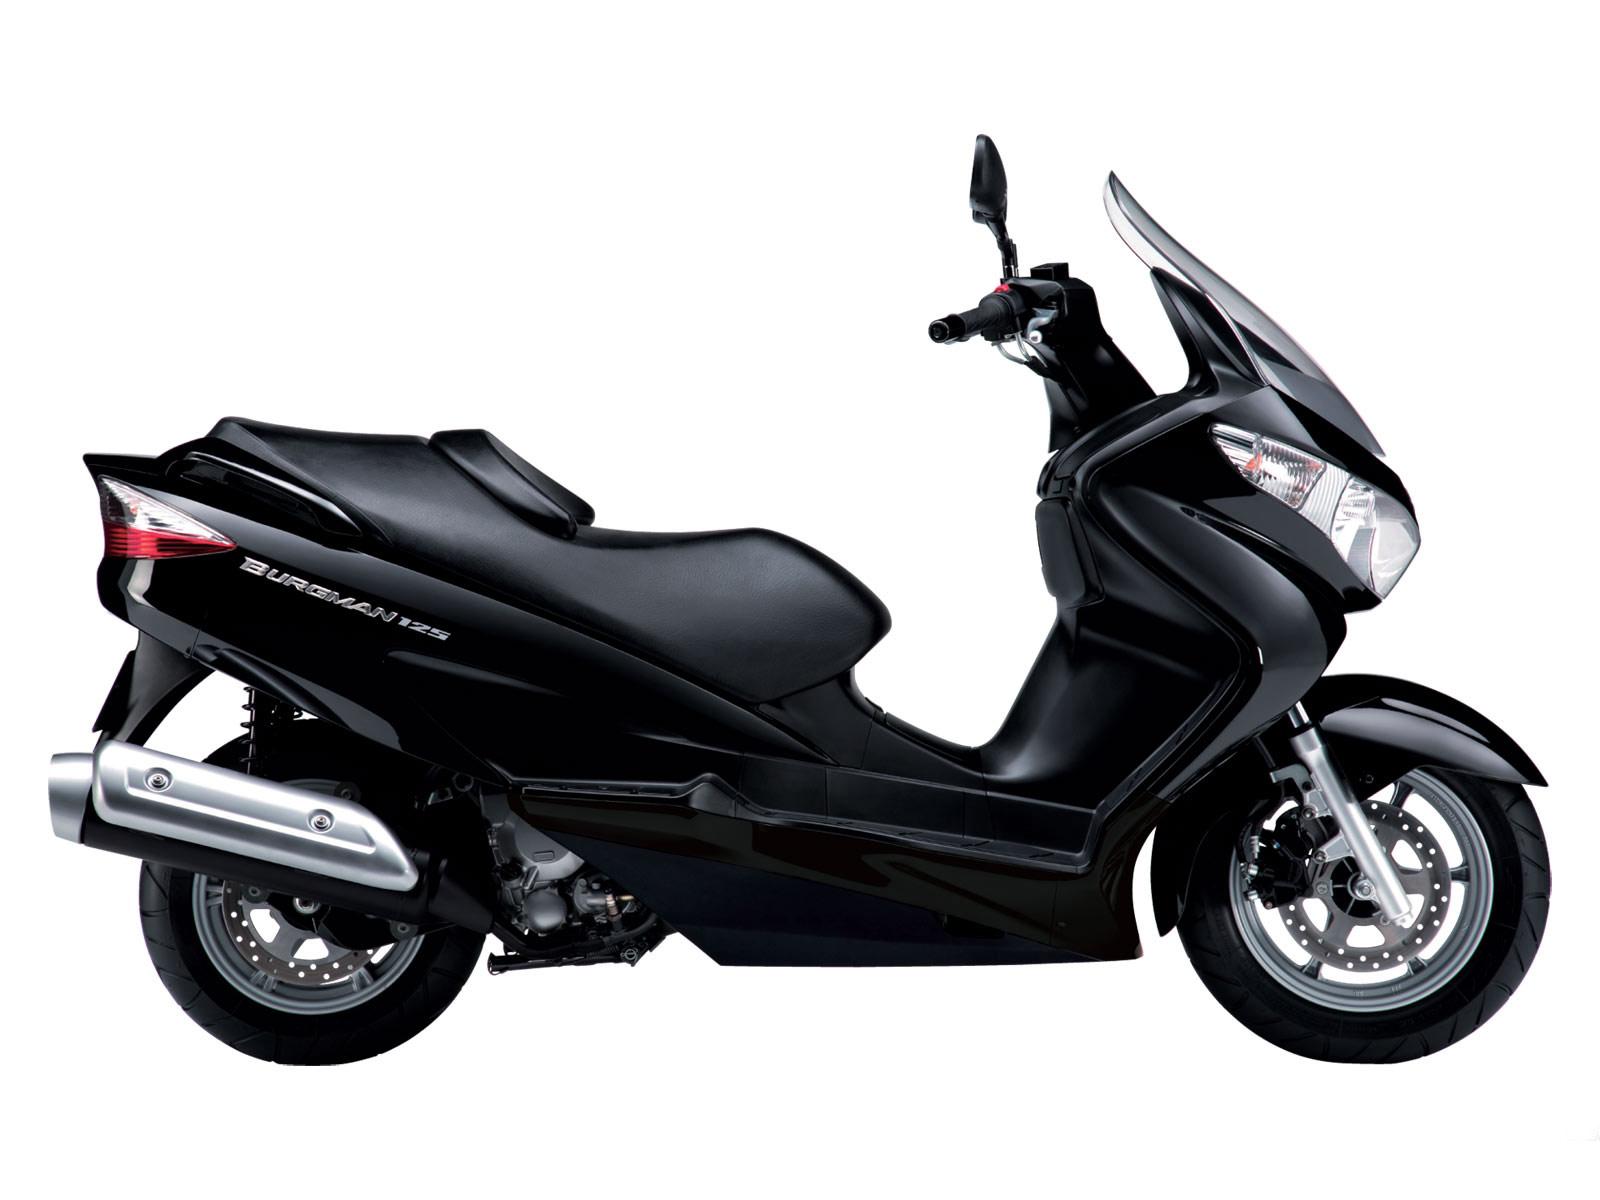 Suzuki Burgman Scooter Specifications